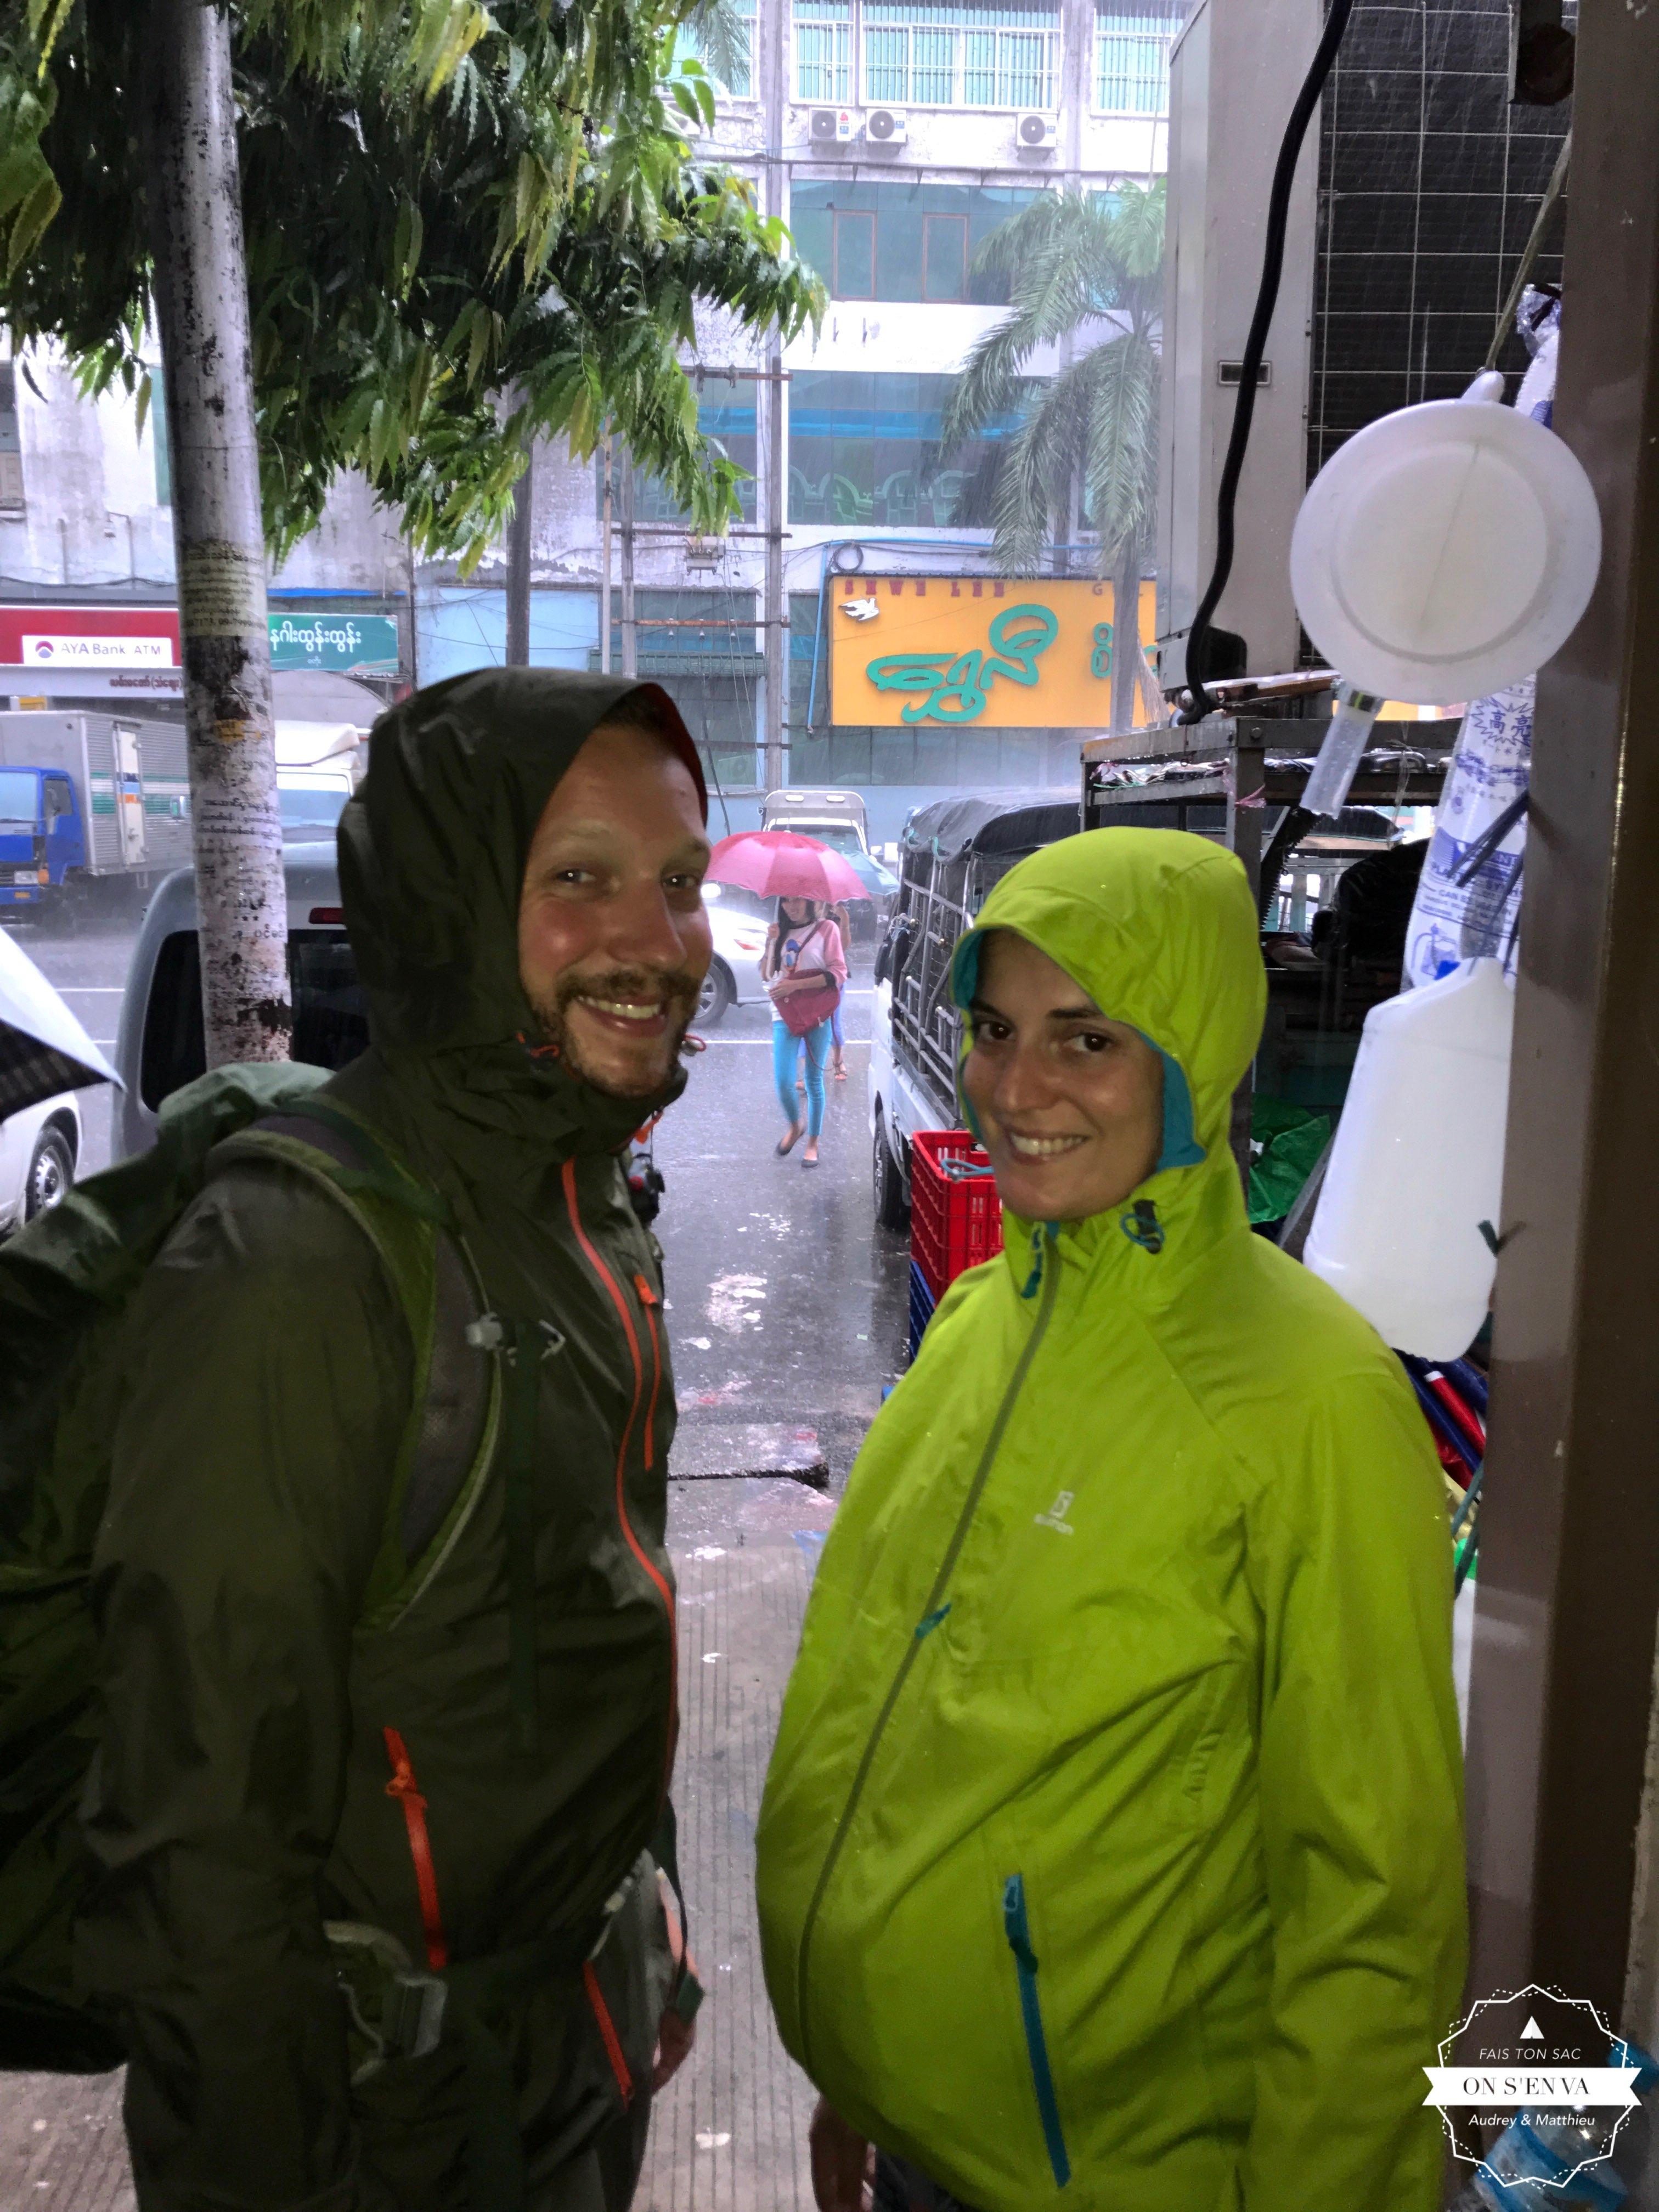 Il pleut en ce 3e jour!